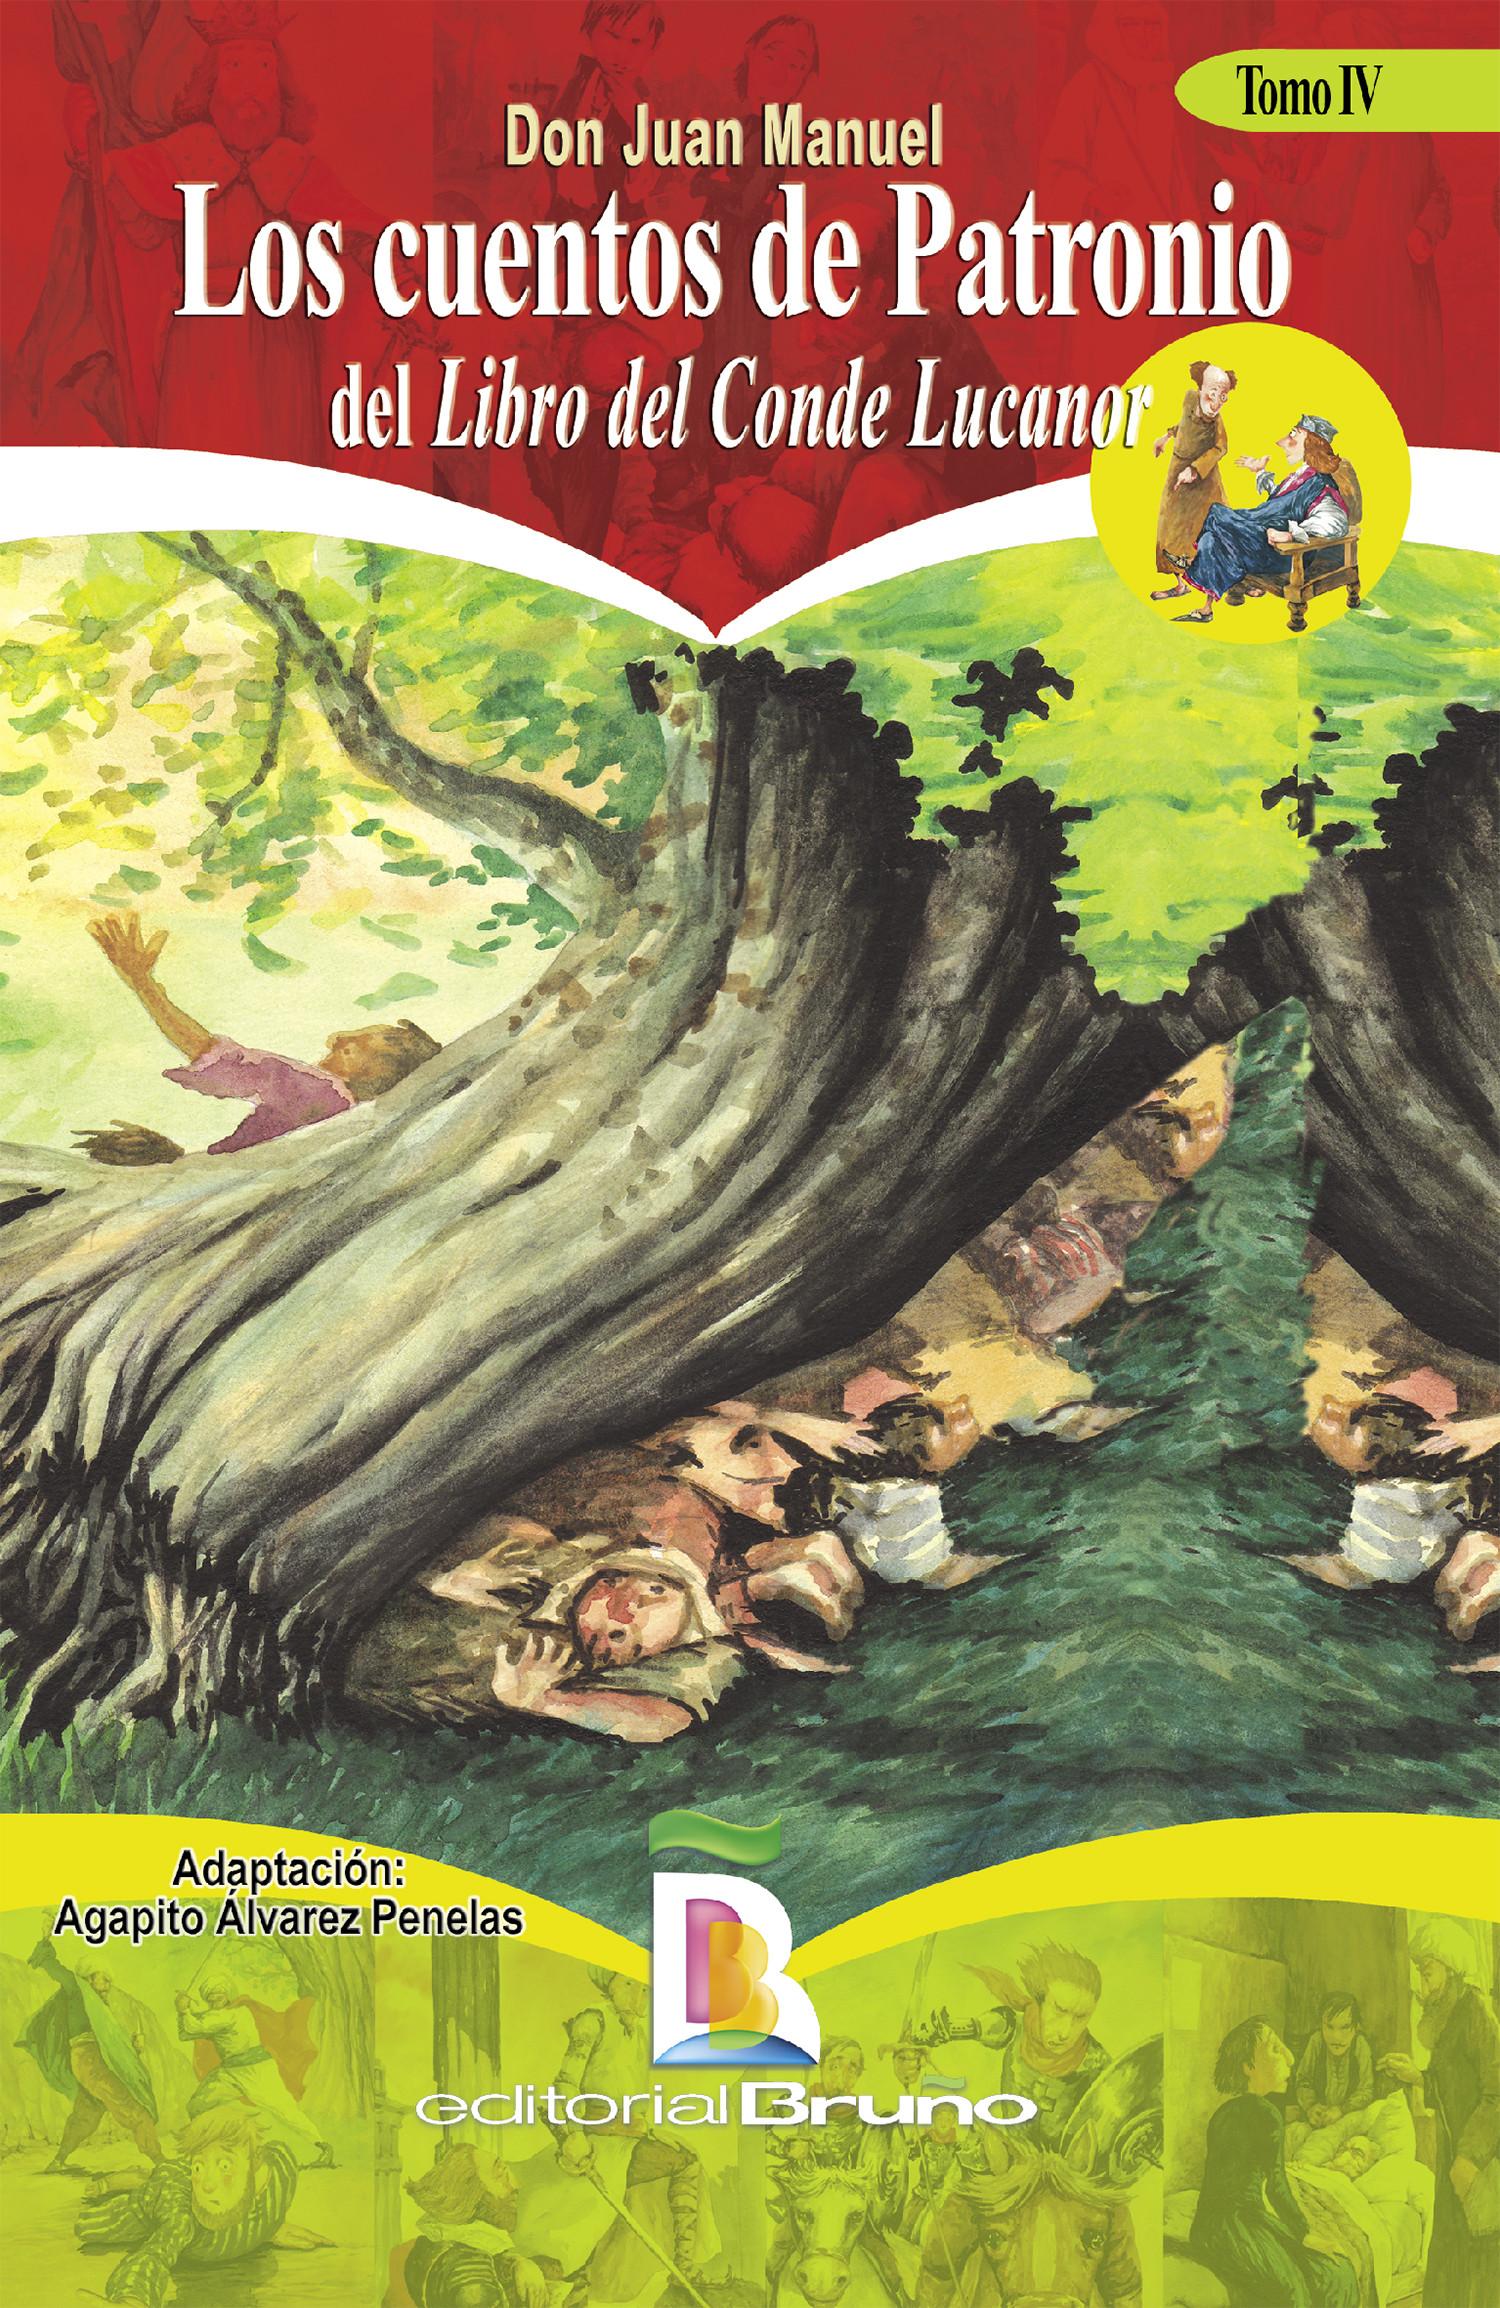 Los cuentos de Patronio del libro del Conde Lucanor 4